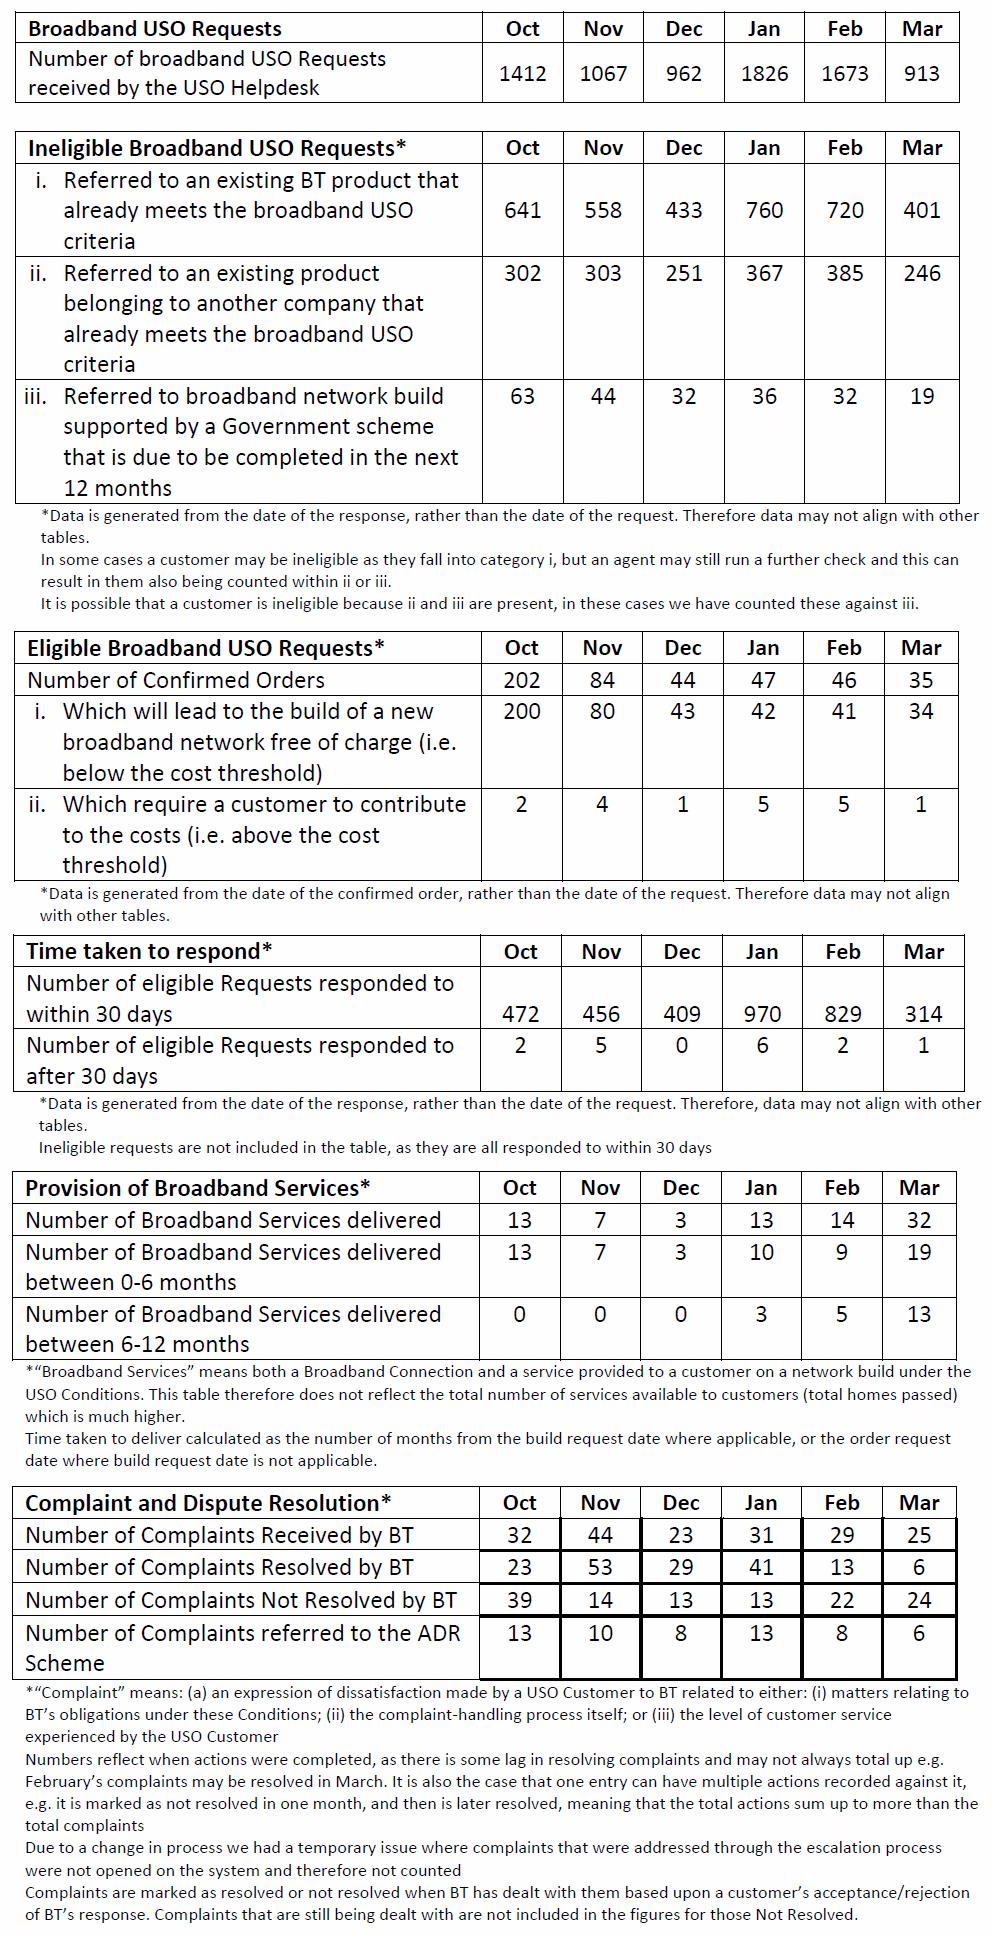 BT_broadband_uso_statistics_April_2021